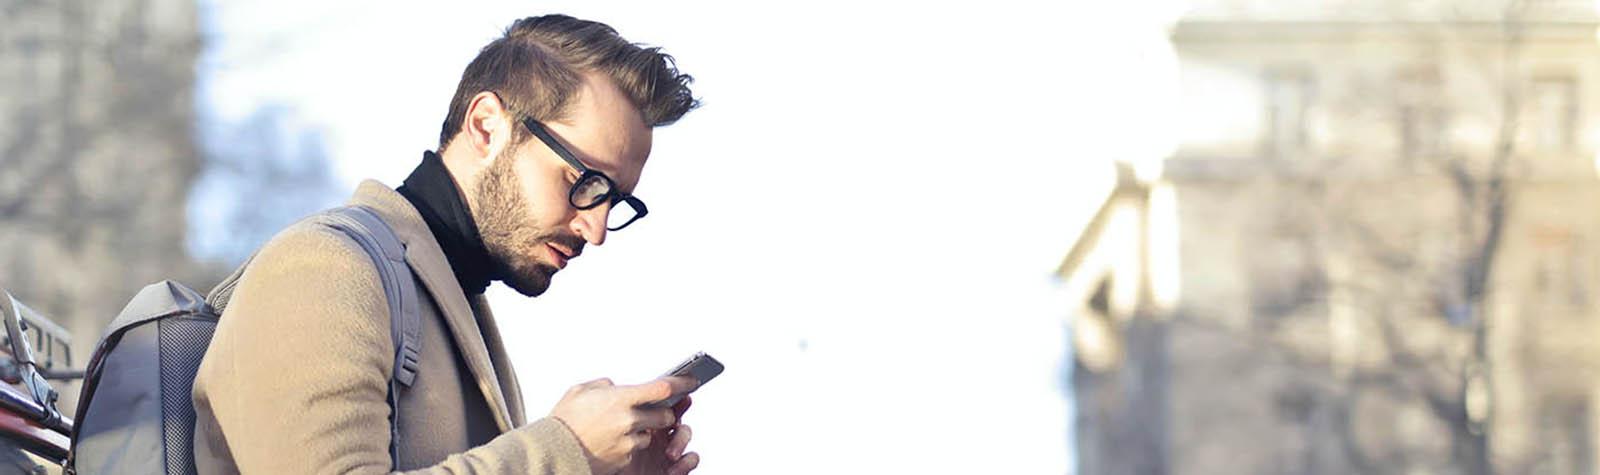 Is Signal een privacyvriendelijk alternatief voor WhatsApp?